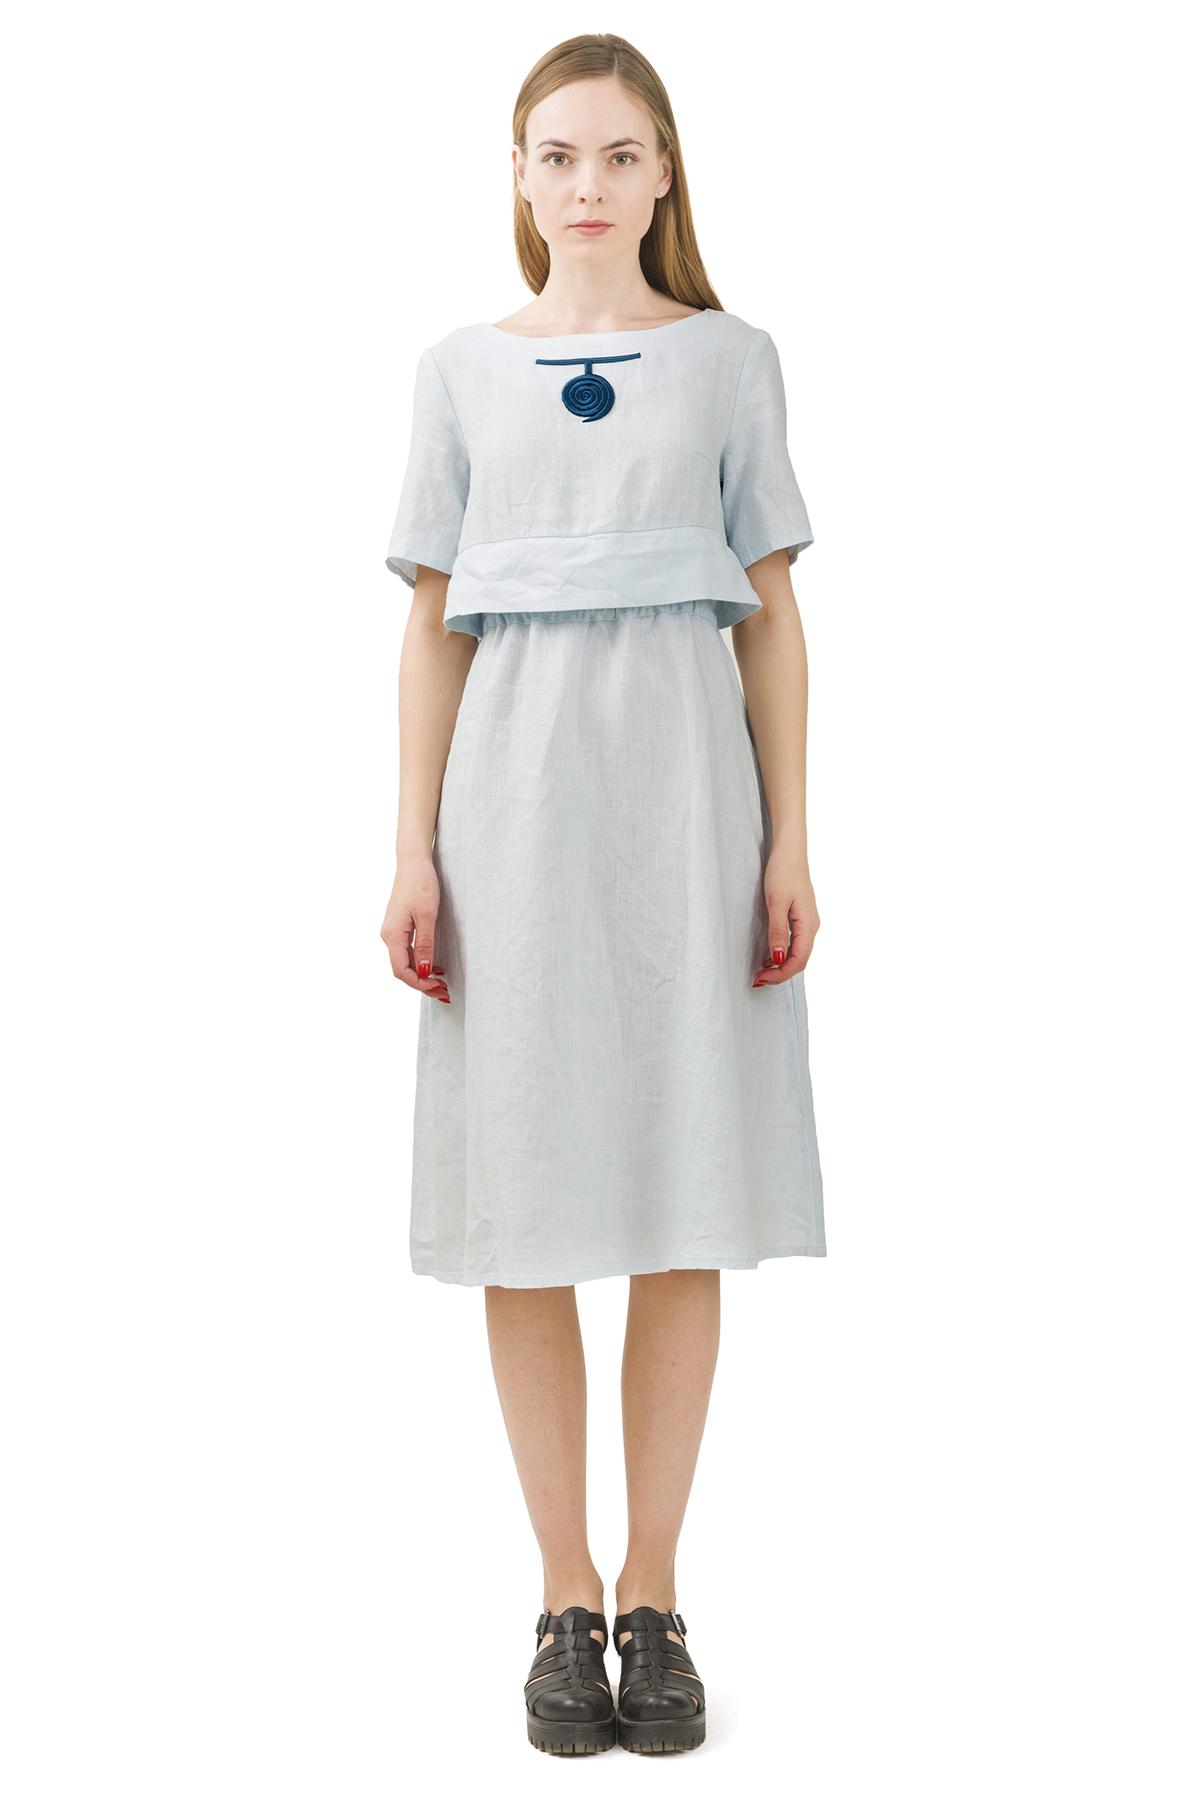 ПлатьеПлатья,  сарафаны<br>Стильное платье выполнено из натуральной ткани - льна. Данная модель удачно подчеркнет красоту Вашей фигуры, а яркая расцветка  не оставит Вас незамеченной.<br><br>Цвет: светло-голубой<br>Состав: 100% лен<br>Размер: 40,42,44,46,48,50,52<br>Страна дизайна: Россия<br>Страна производства: Россия